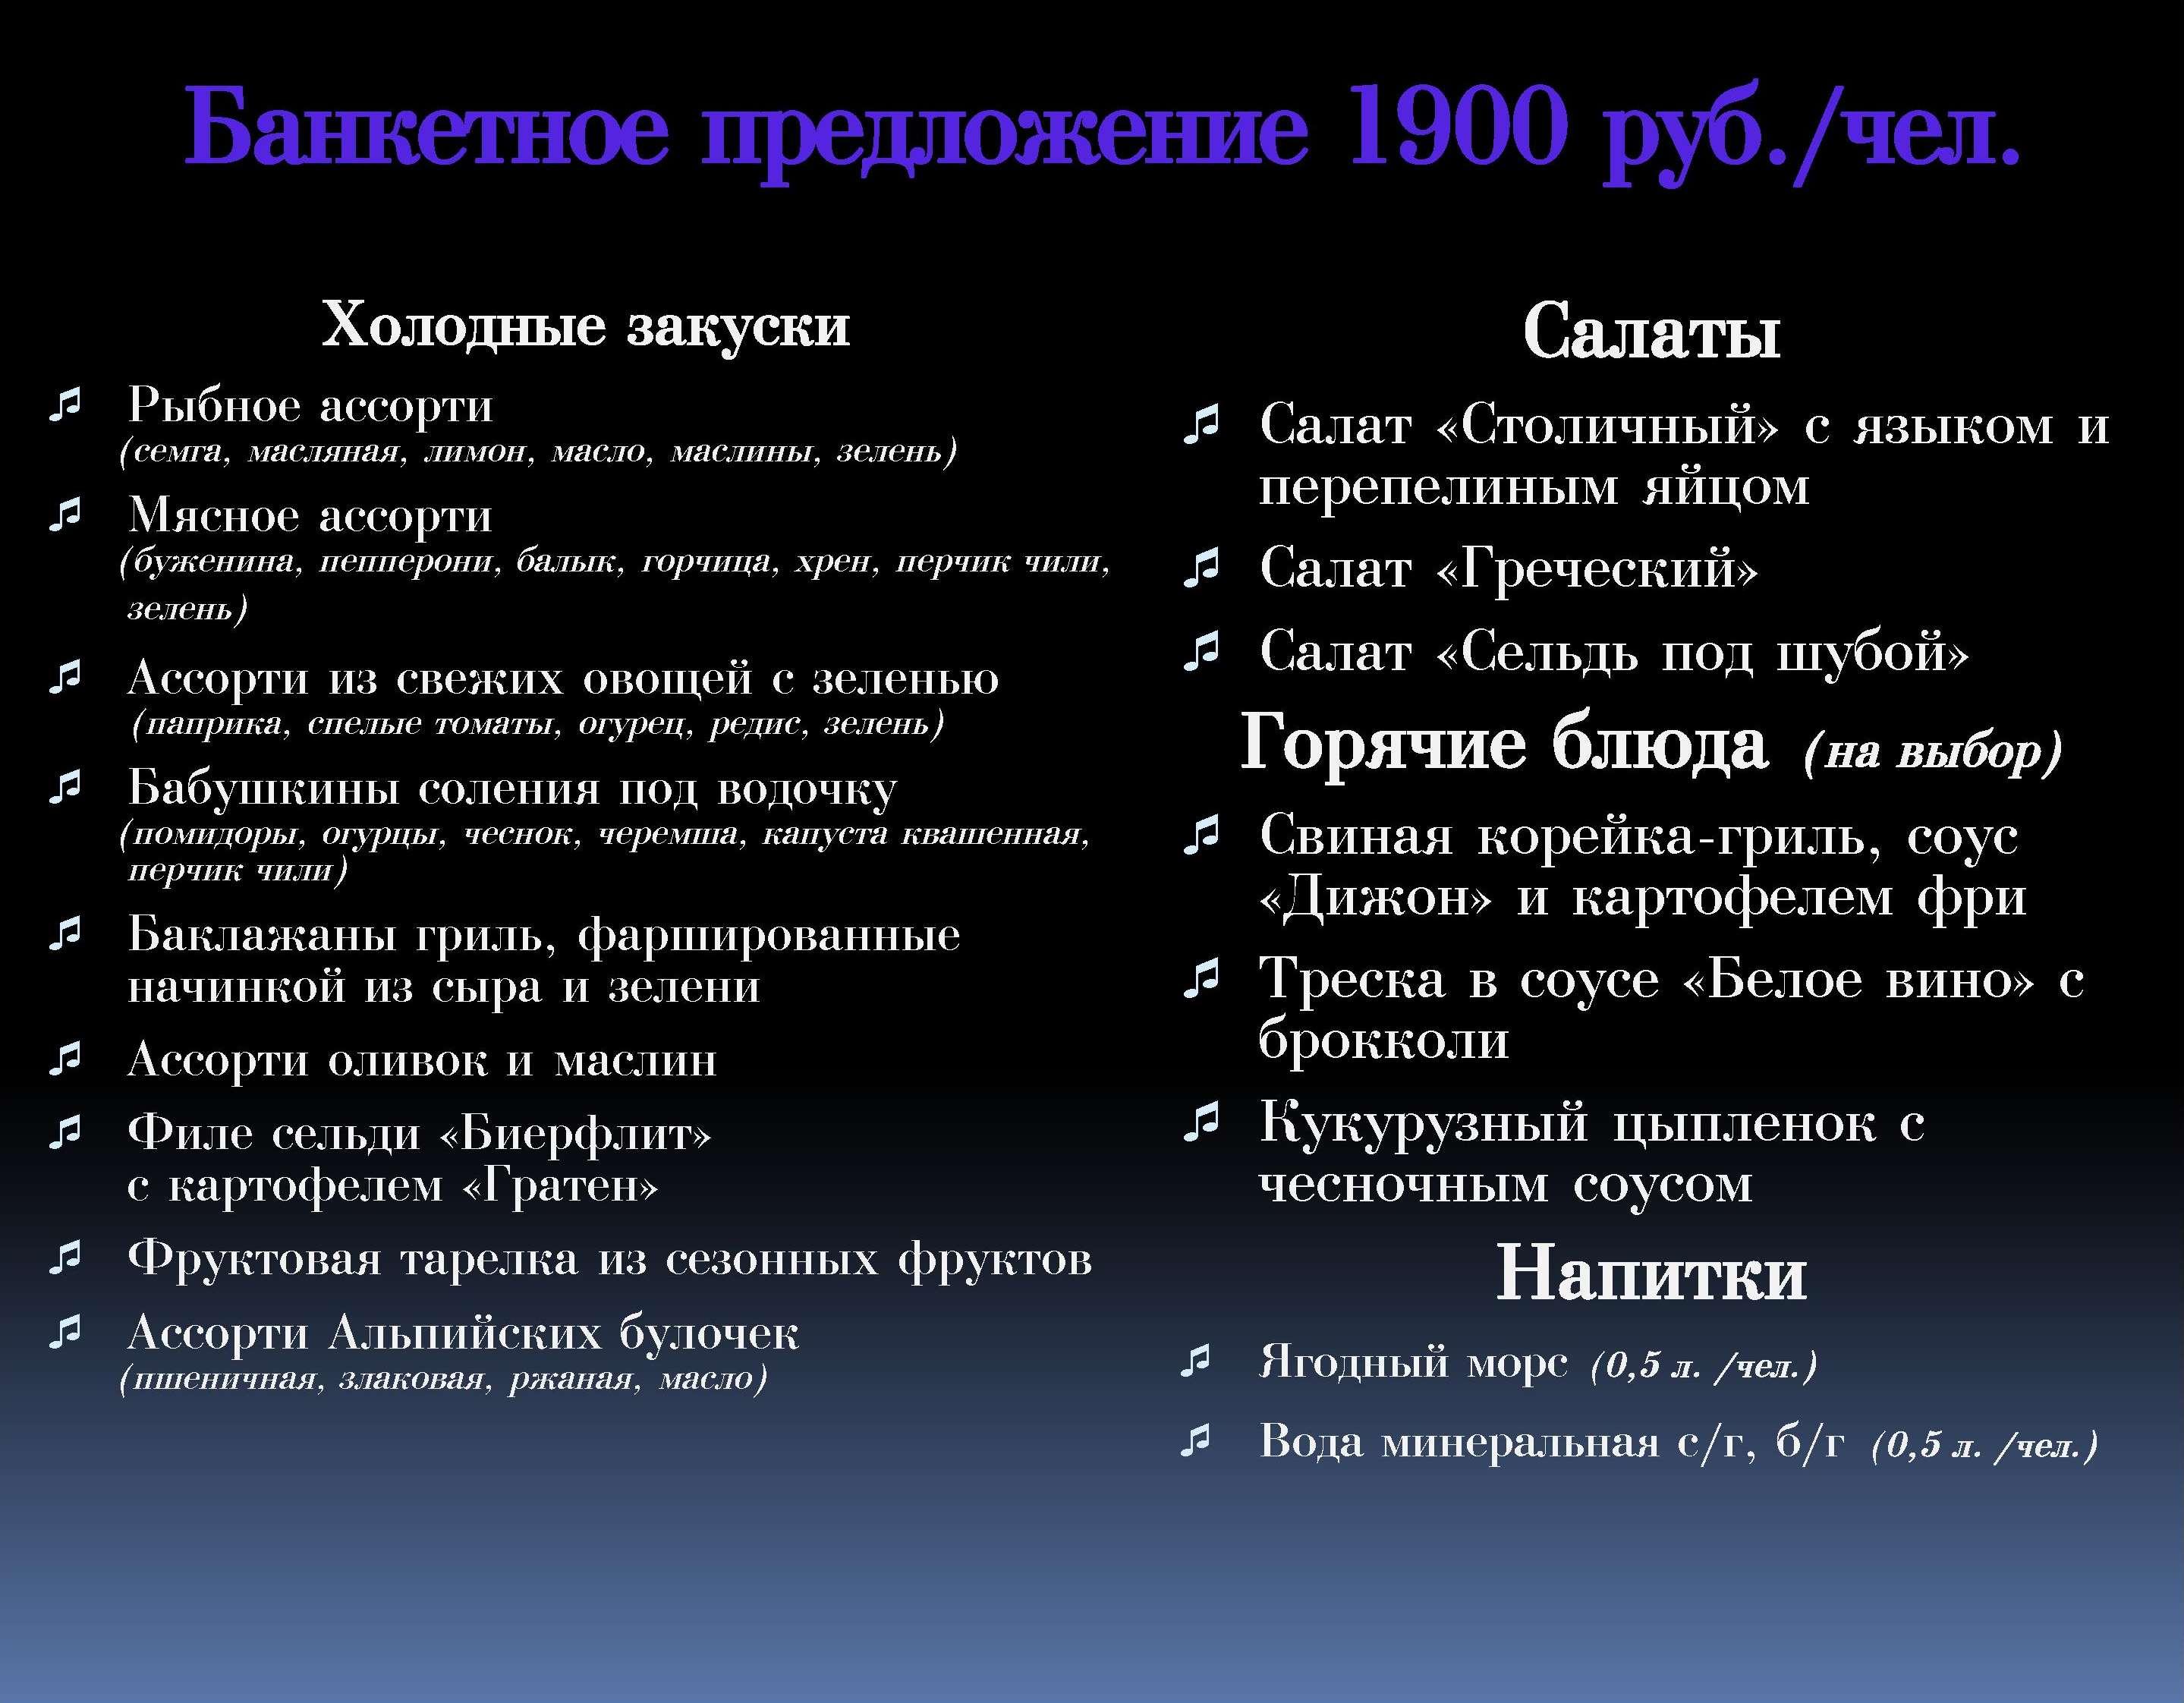 Banket0002-min